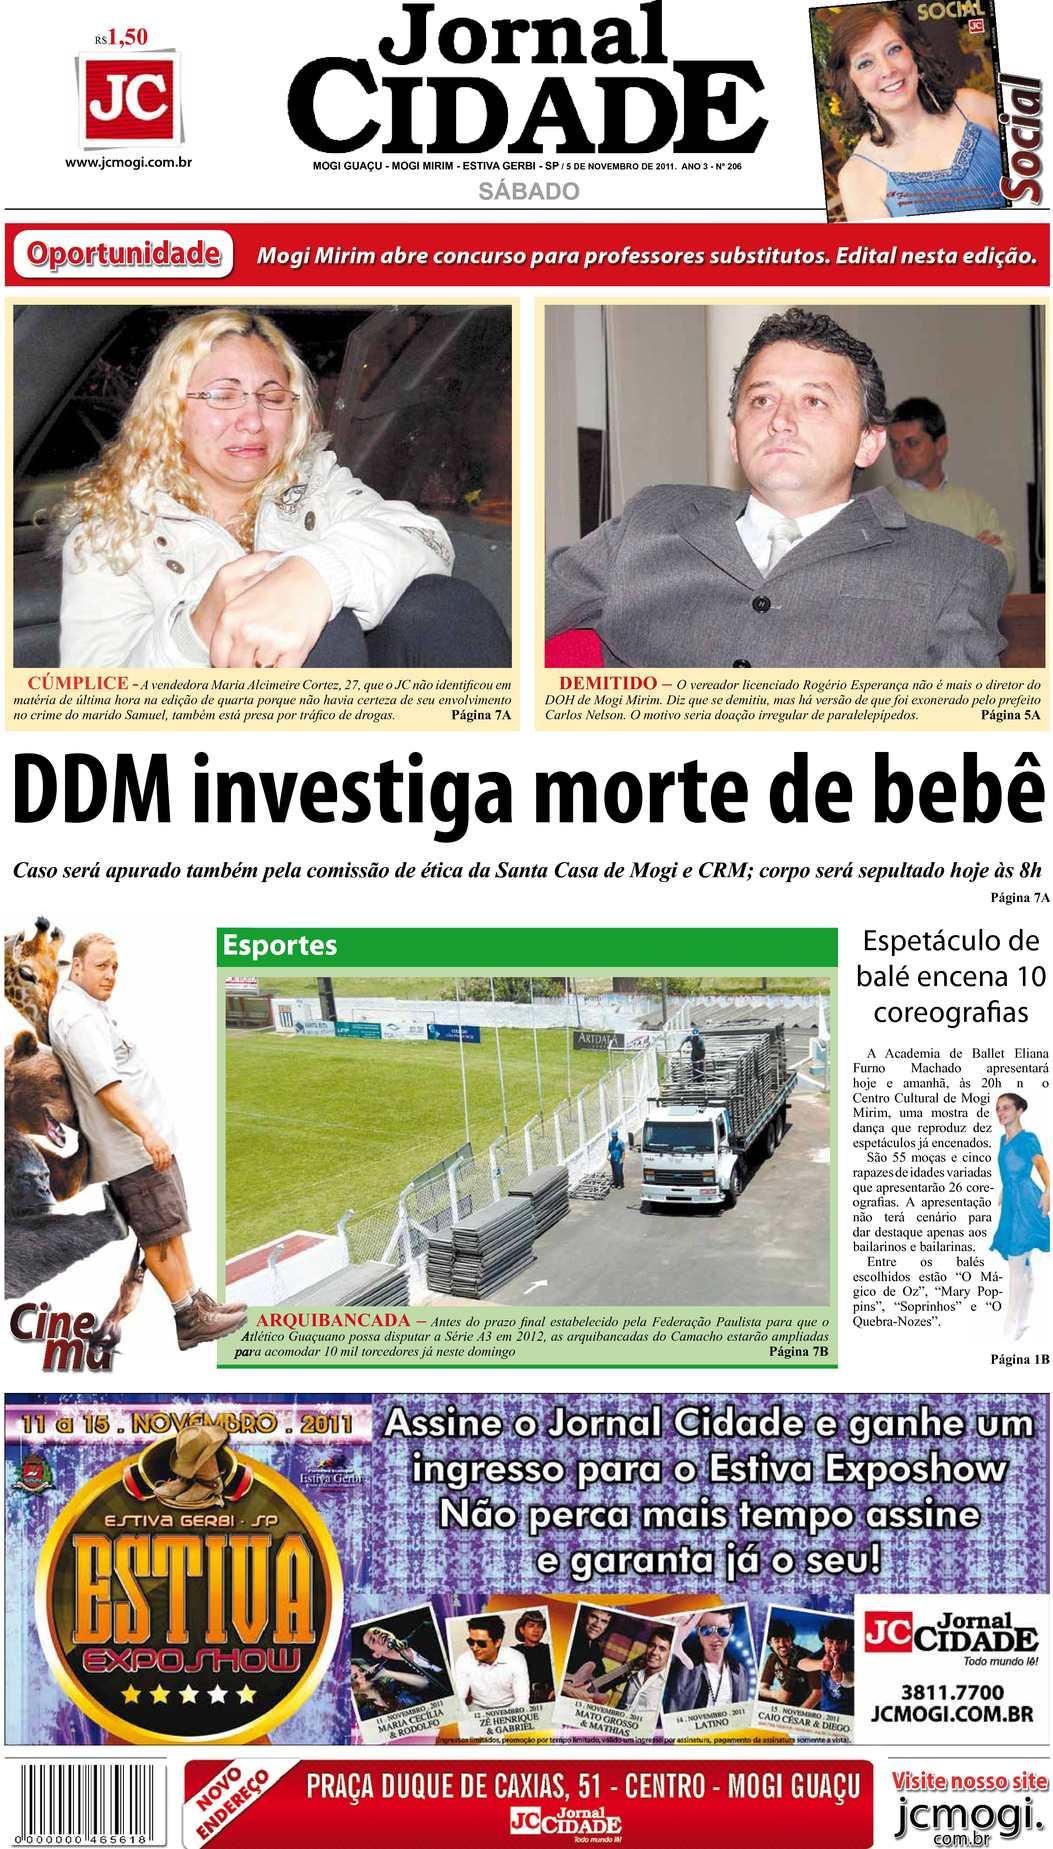 913277176c Calaméo - JC MOGI GUAÇU - 05-11-2011